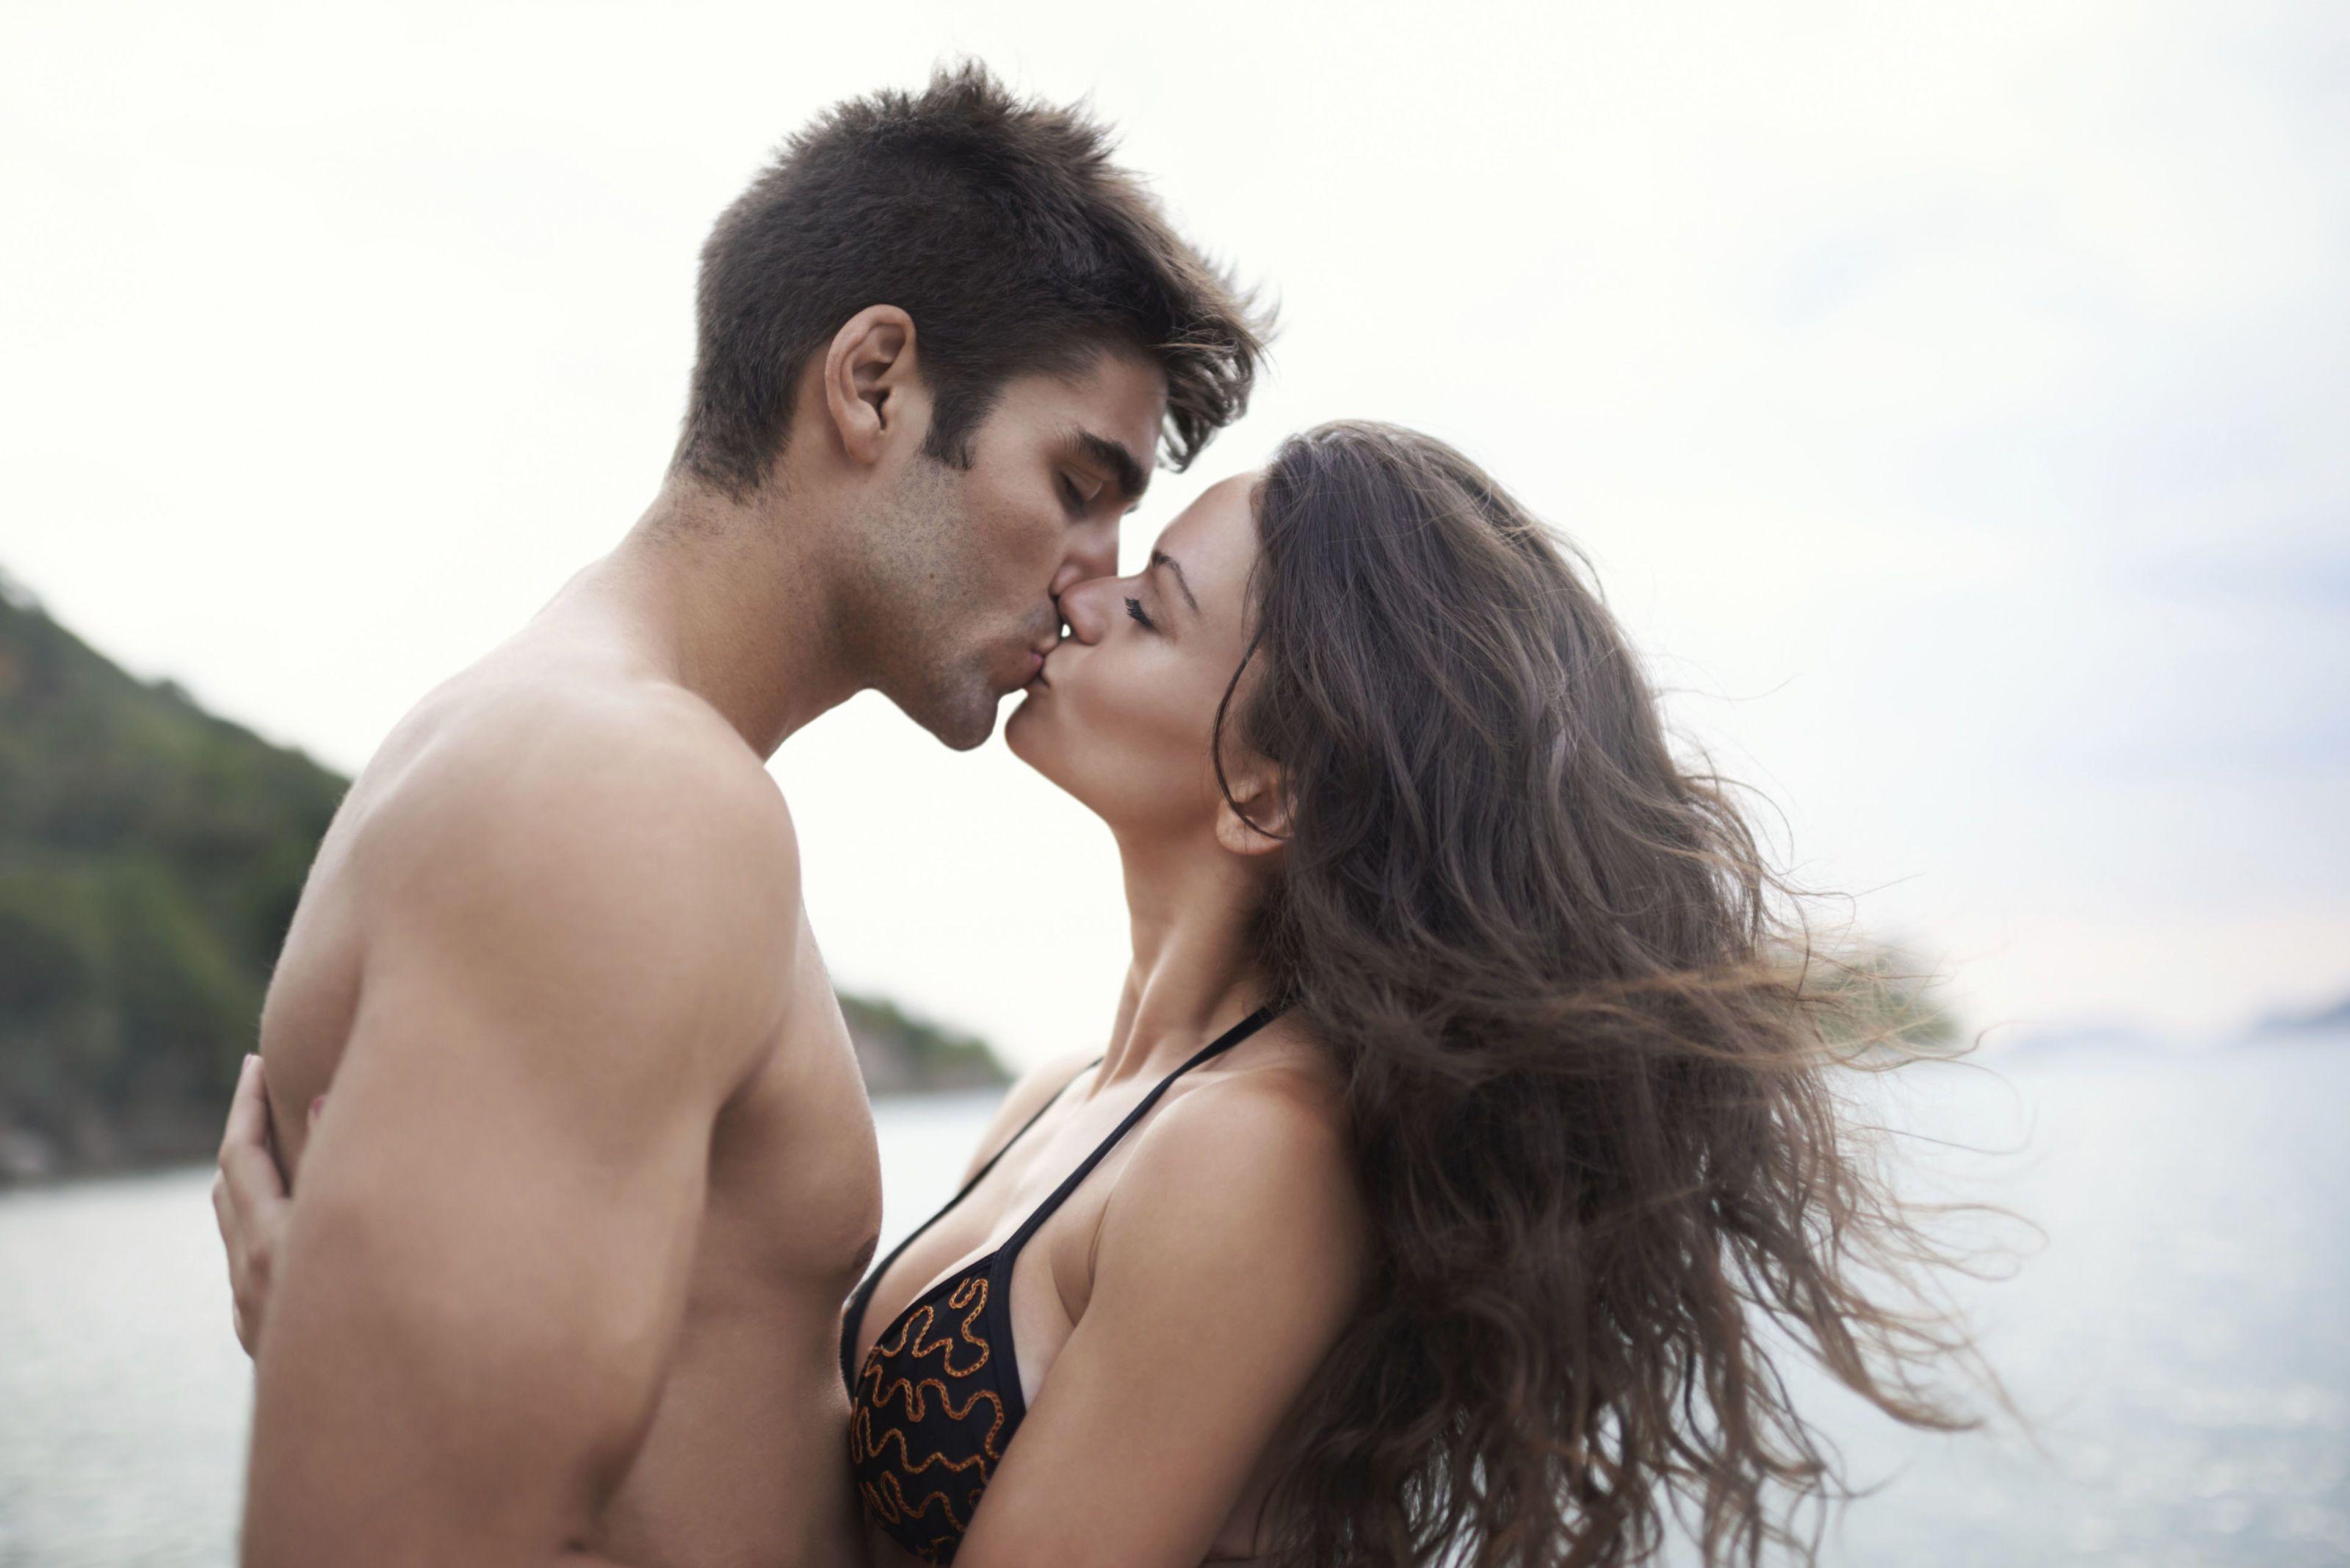 come ottenere una ragazza a baciarti quando il tuo non dating video di incontri LPS